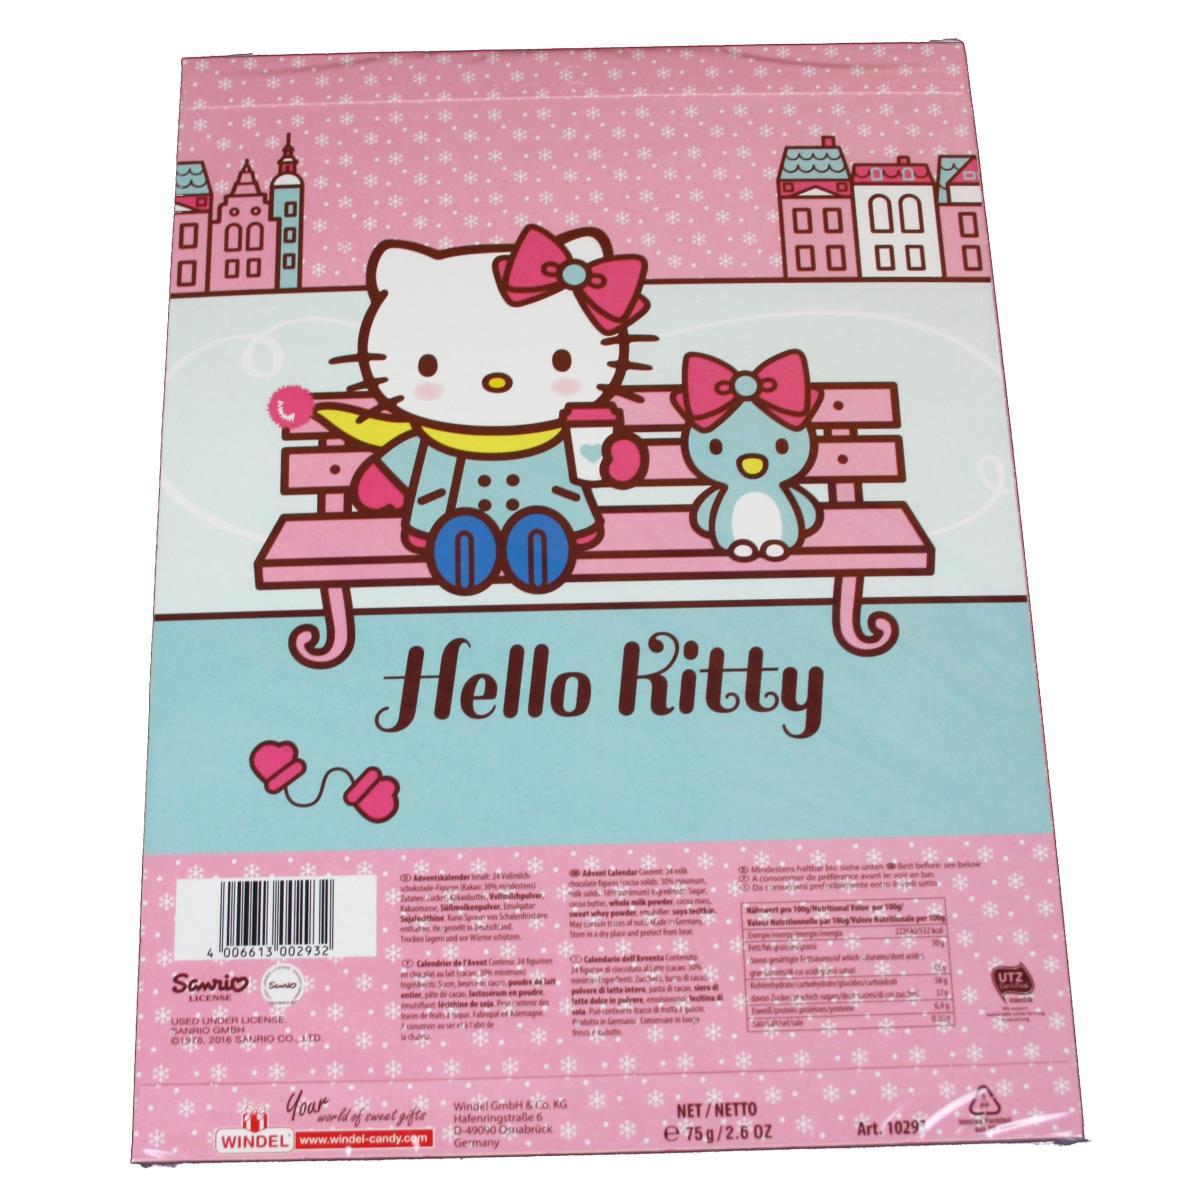 Windel Weihnachtskalender.Windel Hello Kitty Adventskalender 75g Weihnachtskalender Kalender